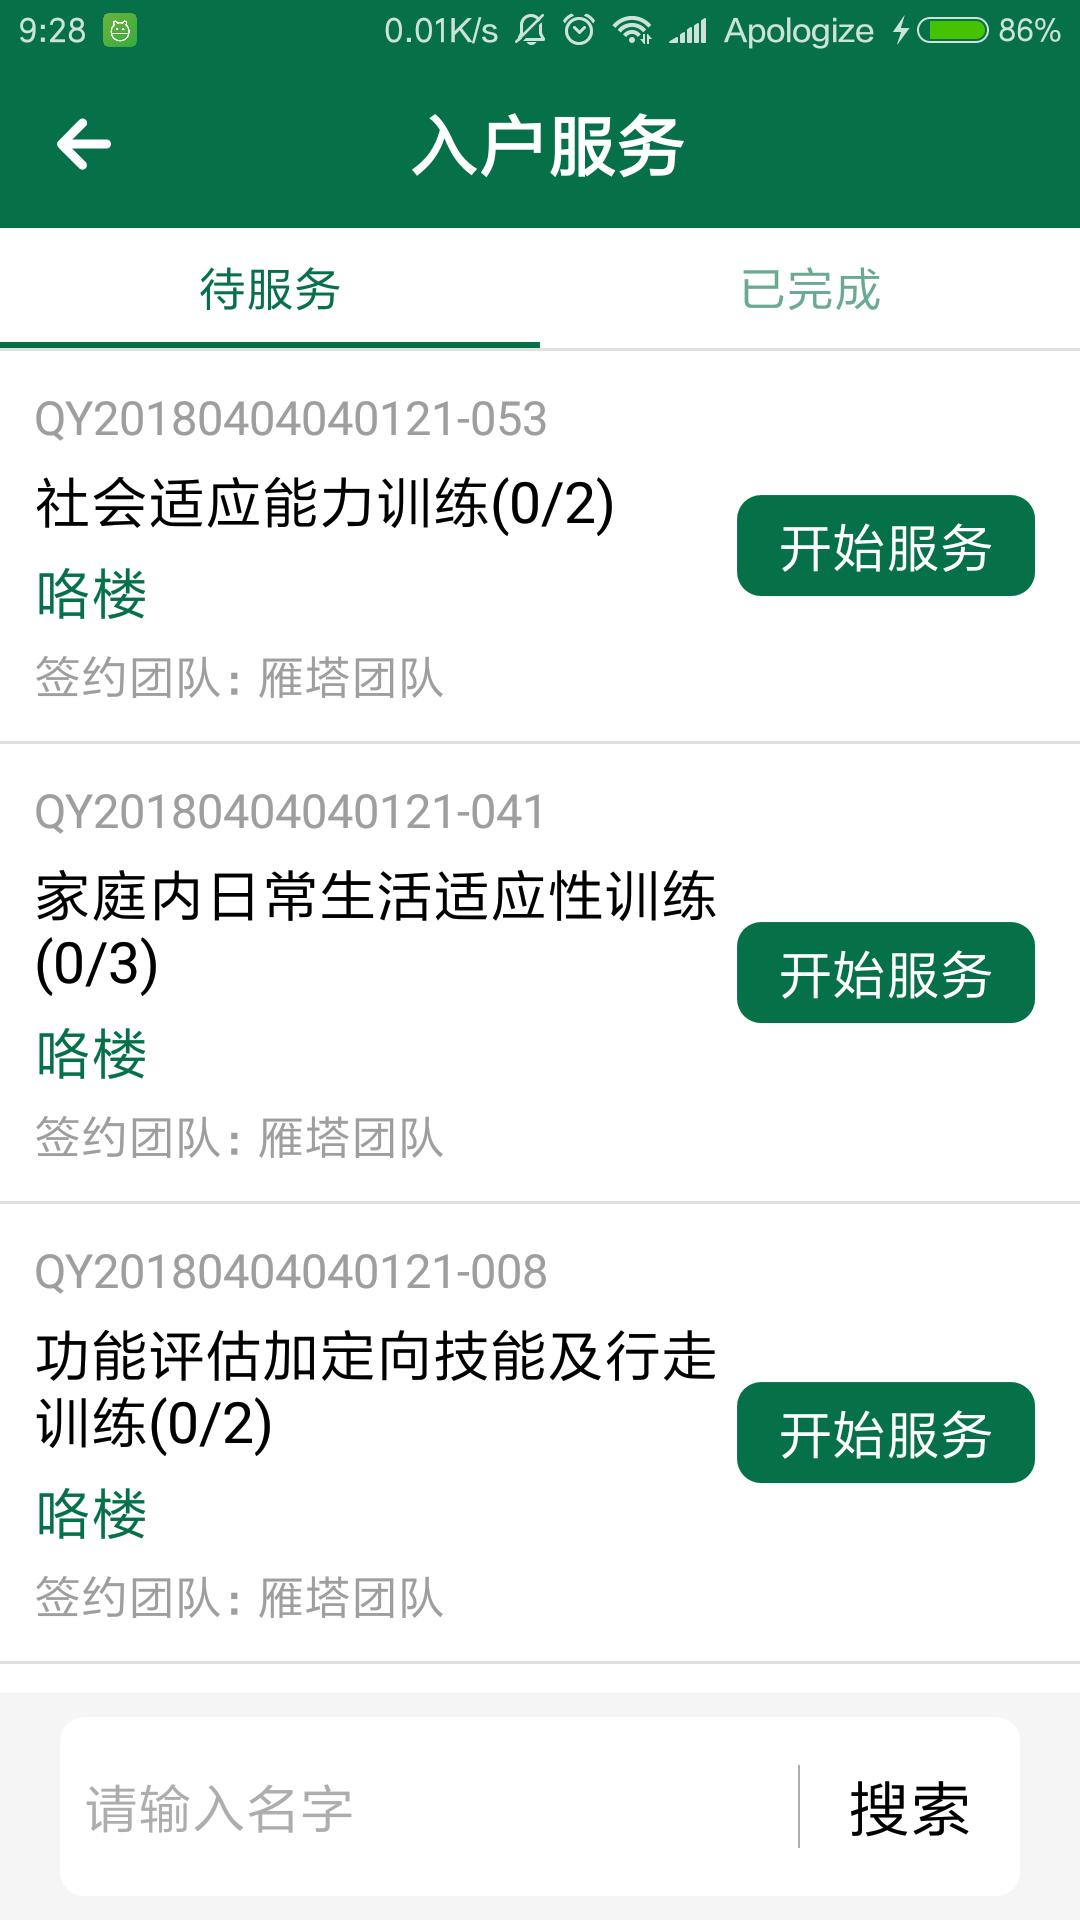 陕西省精准康复管理系统